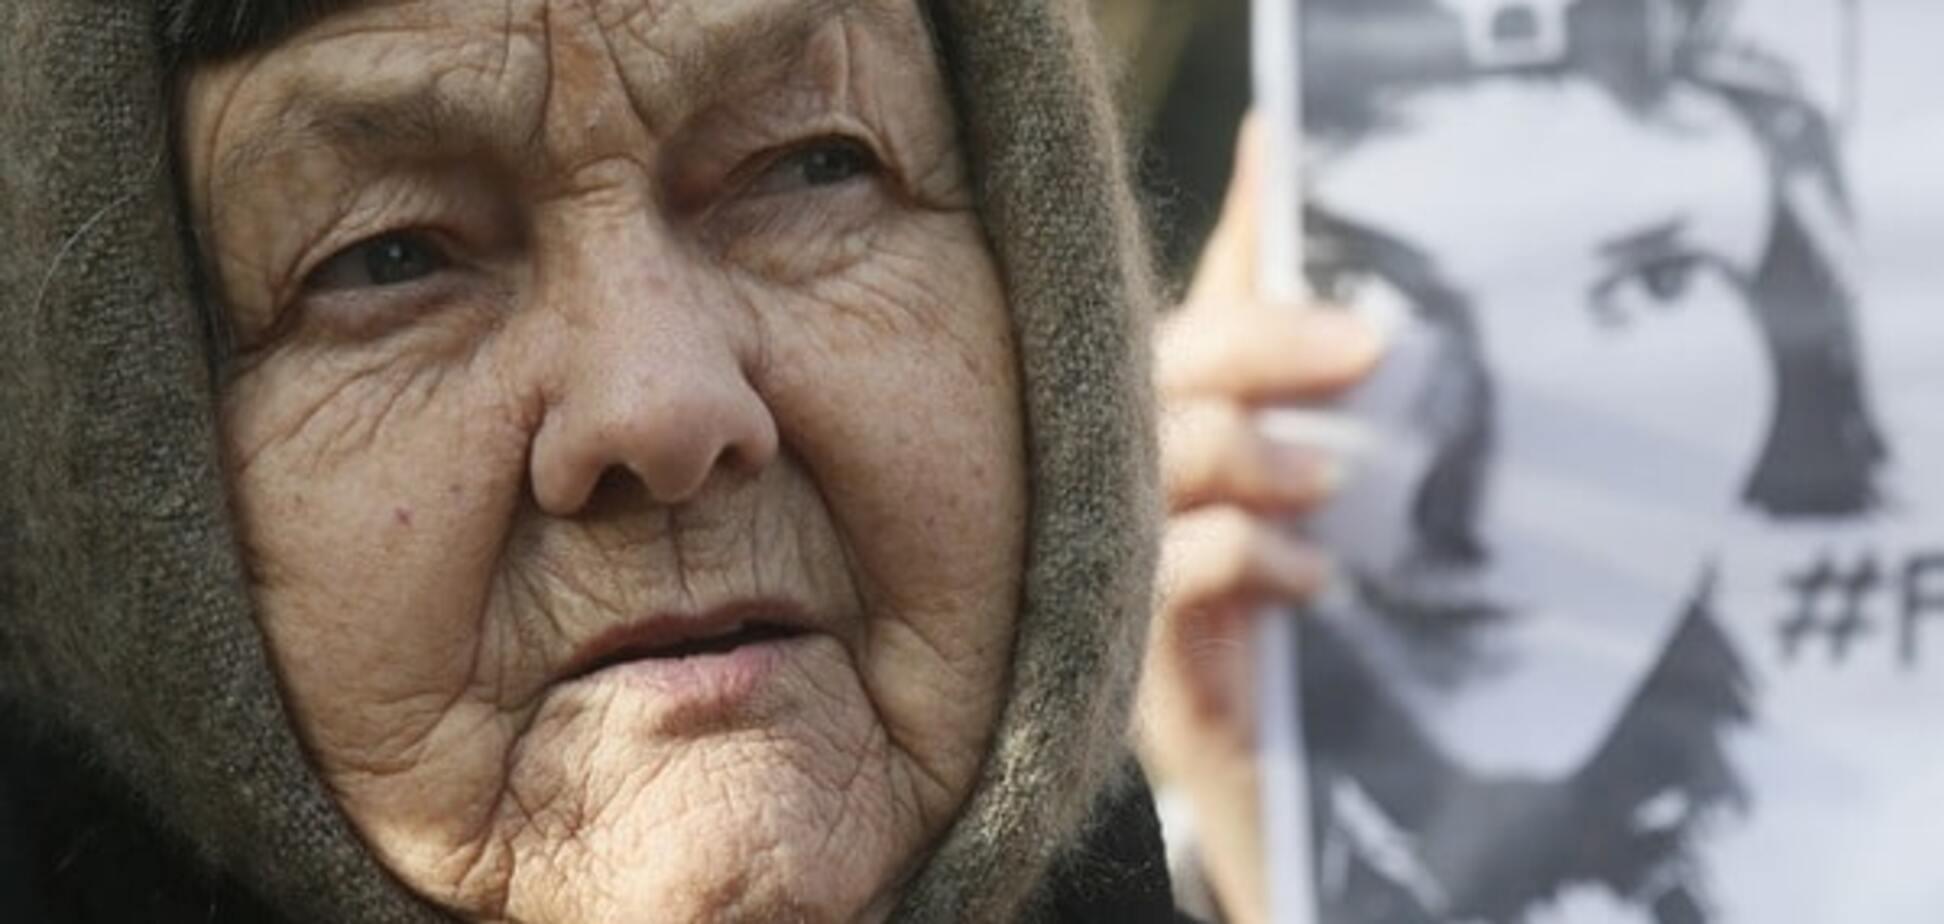 'У неї холодні руки і опухлі ноги': мати Савченко розповіла про коротку зустріч з донькою